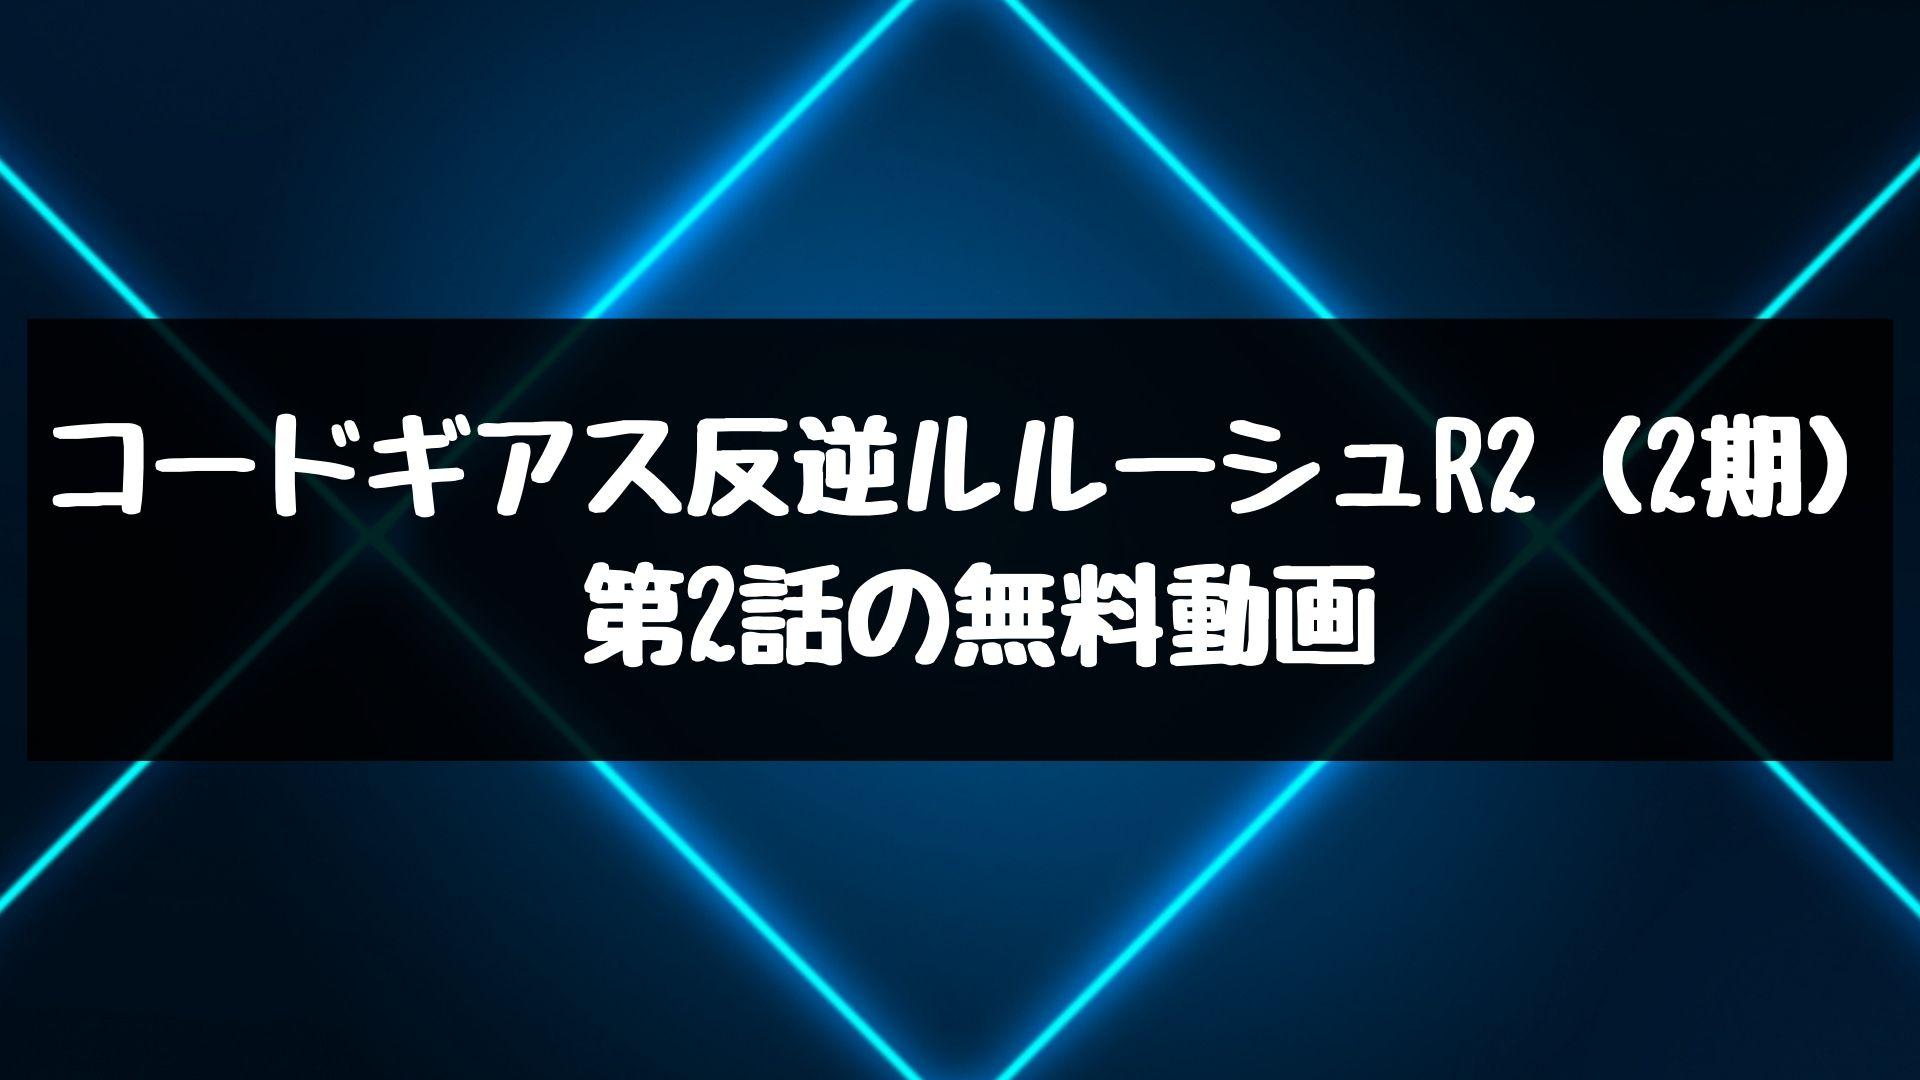 コードギアス反逆ルルーシュR2(2期) 第2話の無料動画